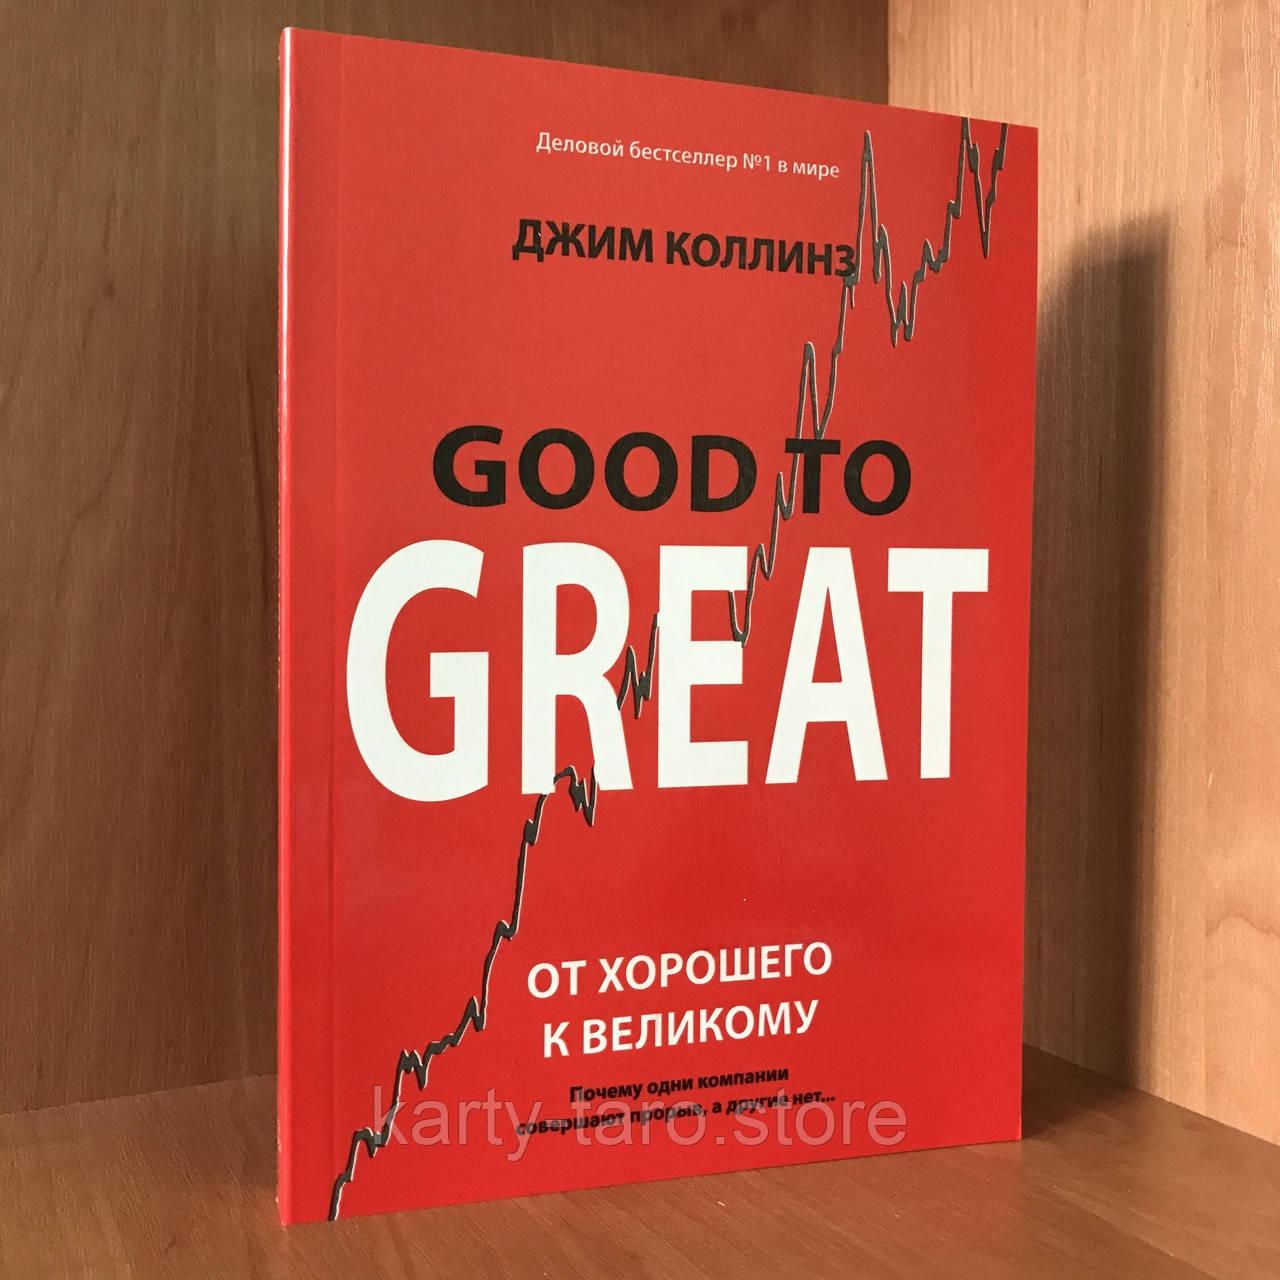 Книга От хорошего к великому. Почему одни компании совершают прорыв, а другие нет...GOOD TO GRE - Джим Коллинз